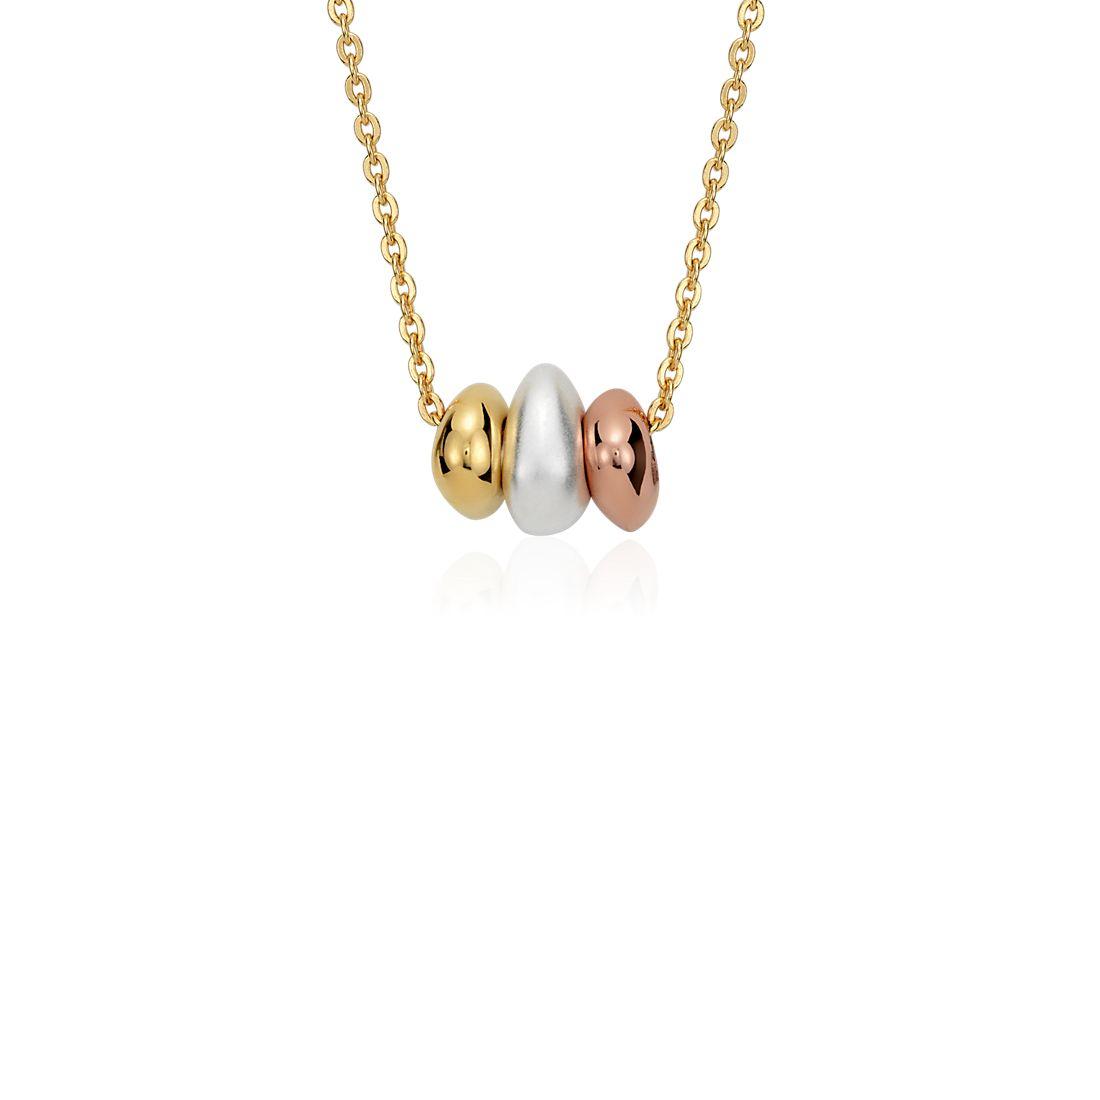 Colgante de abalorios para pedir deseos en plata bañada en oro de tres colores